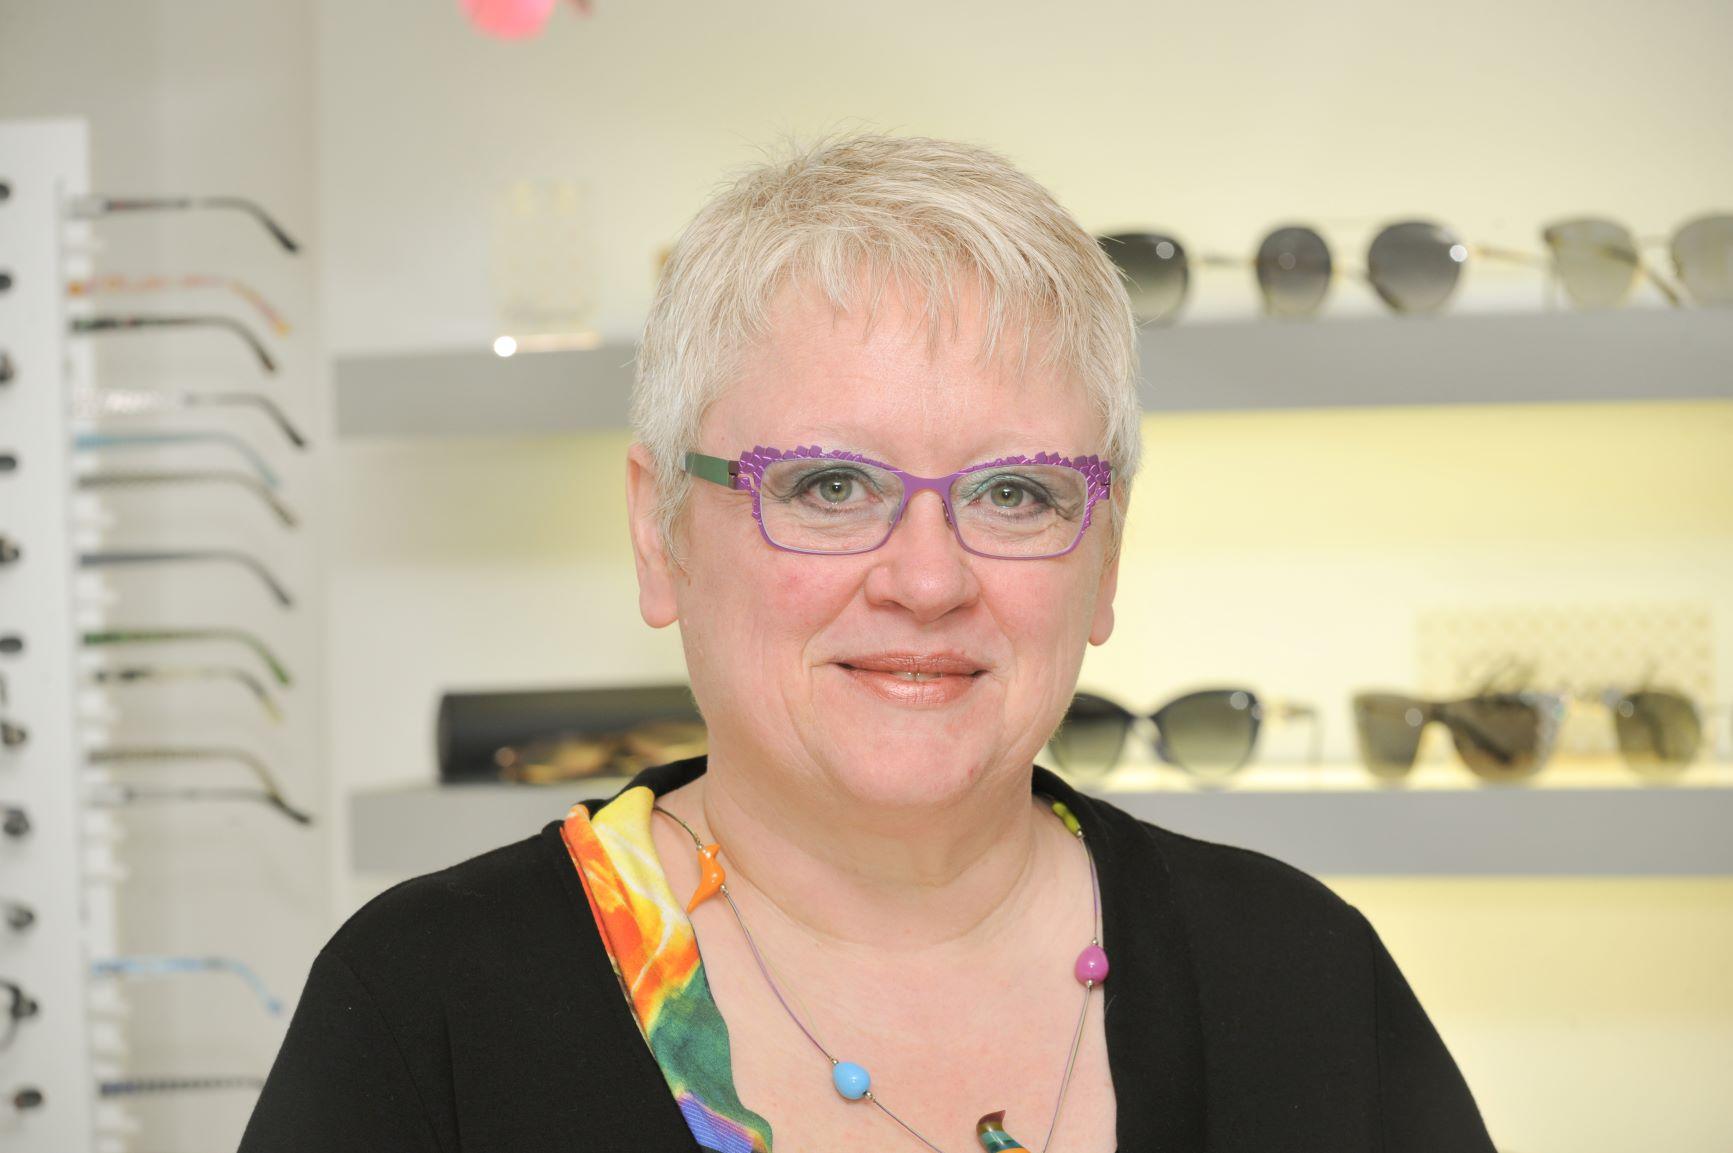 Annette Lutz